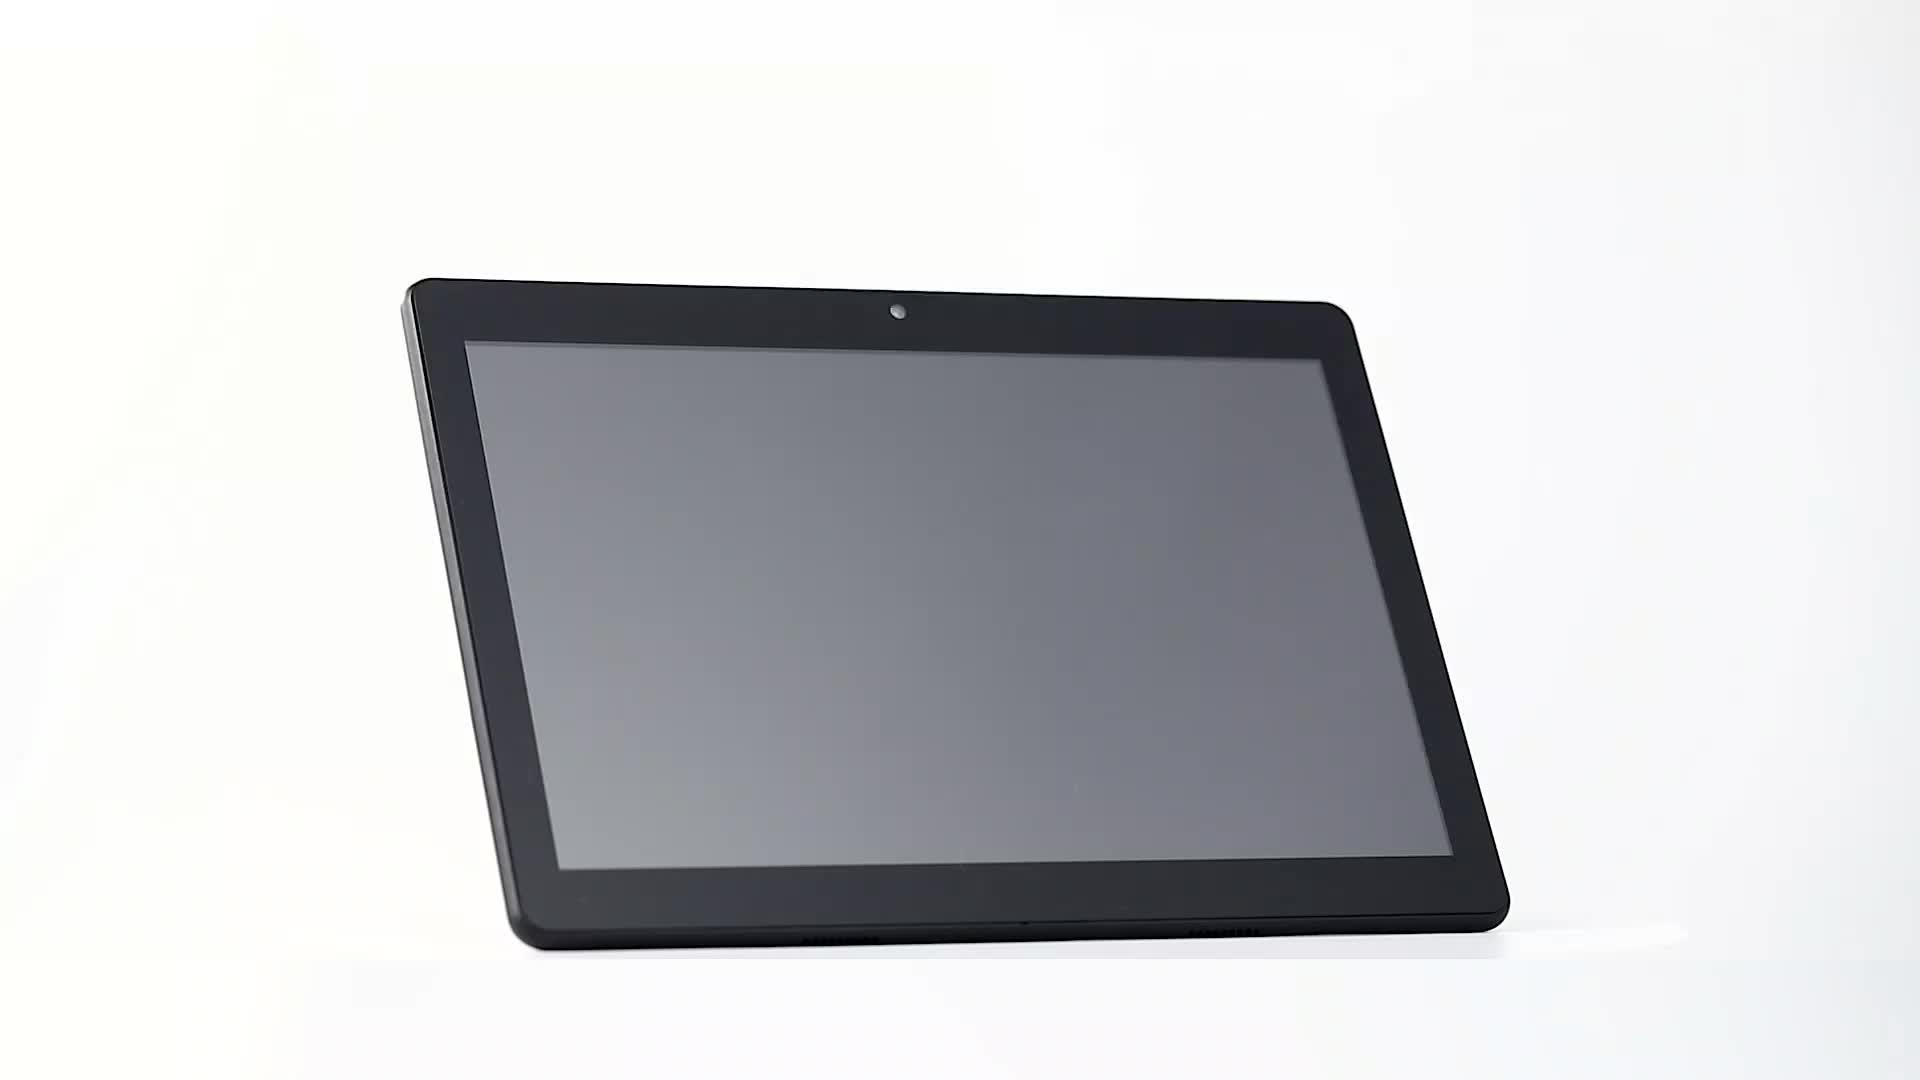 10 zoll oem fahrzeug bildschirm tablet sim funktion keine batterie unterhaltung pc tablet mit auto zubehör